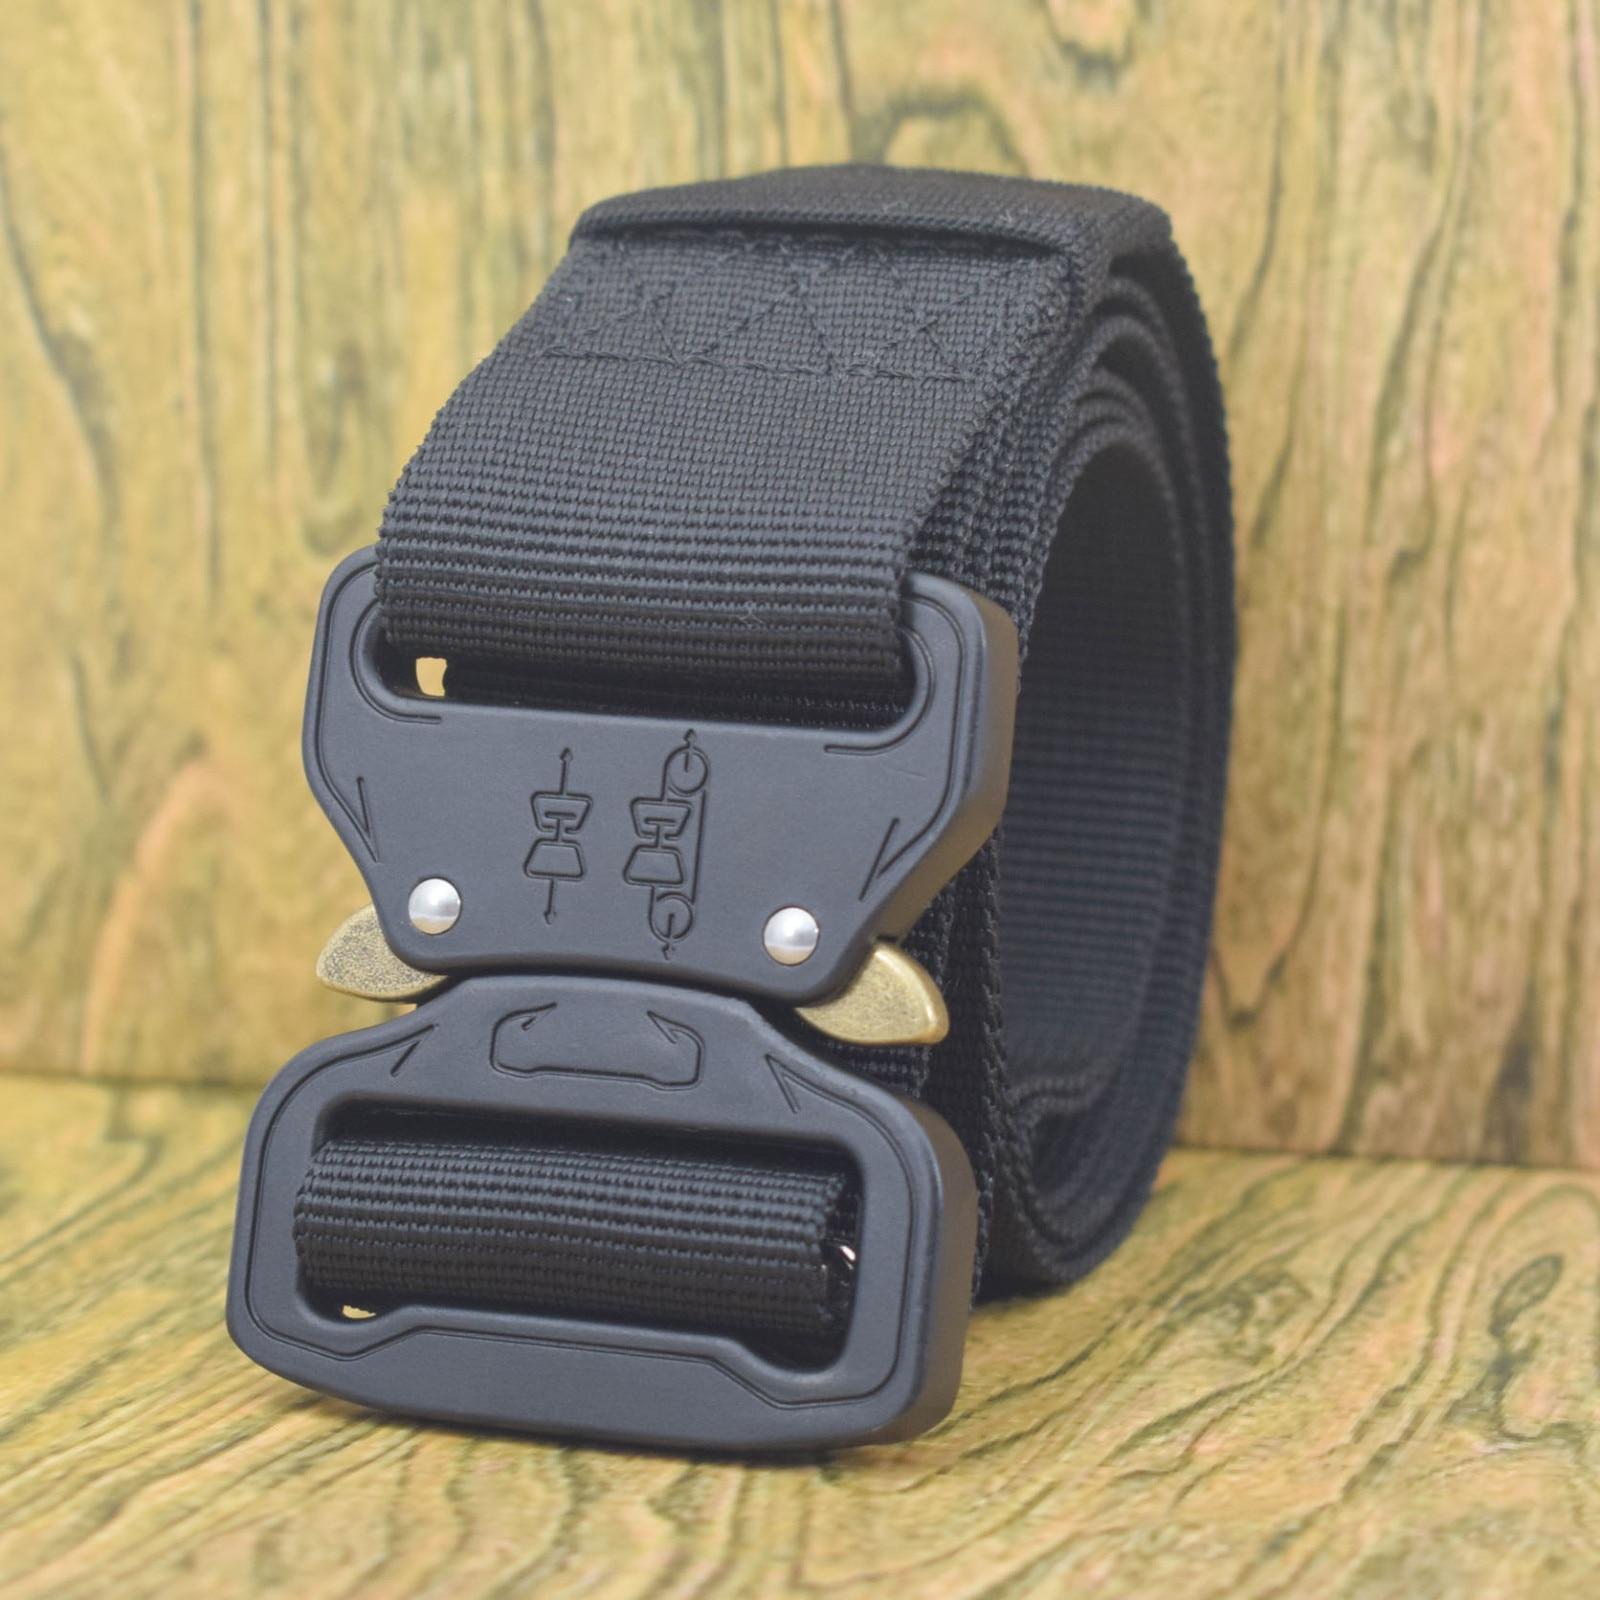 Cinturón militar de nailon para adiestramiento al aire libre, Correa táctica para hombres, cinturones elásticos para hombre, pantalones ajustables, cinturones, pantalones, cinturón de lona WY